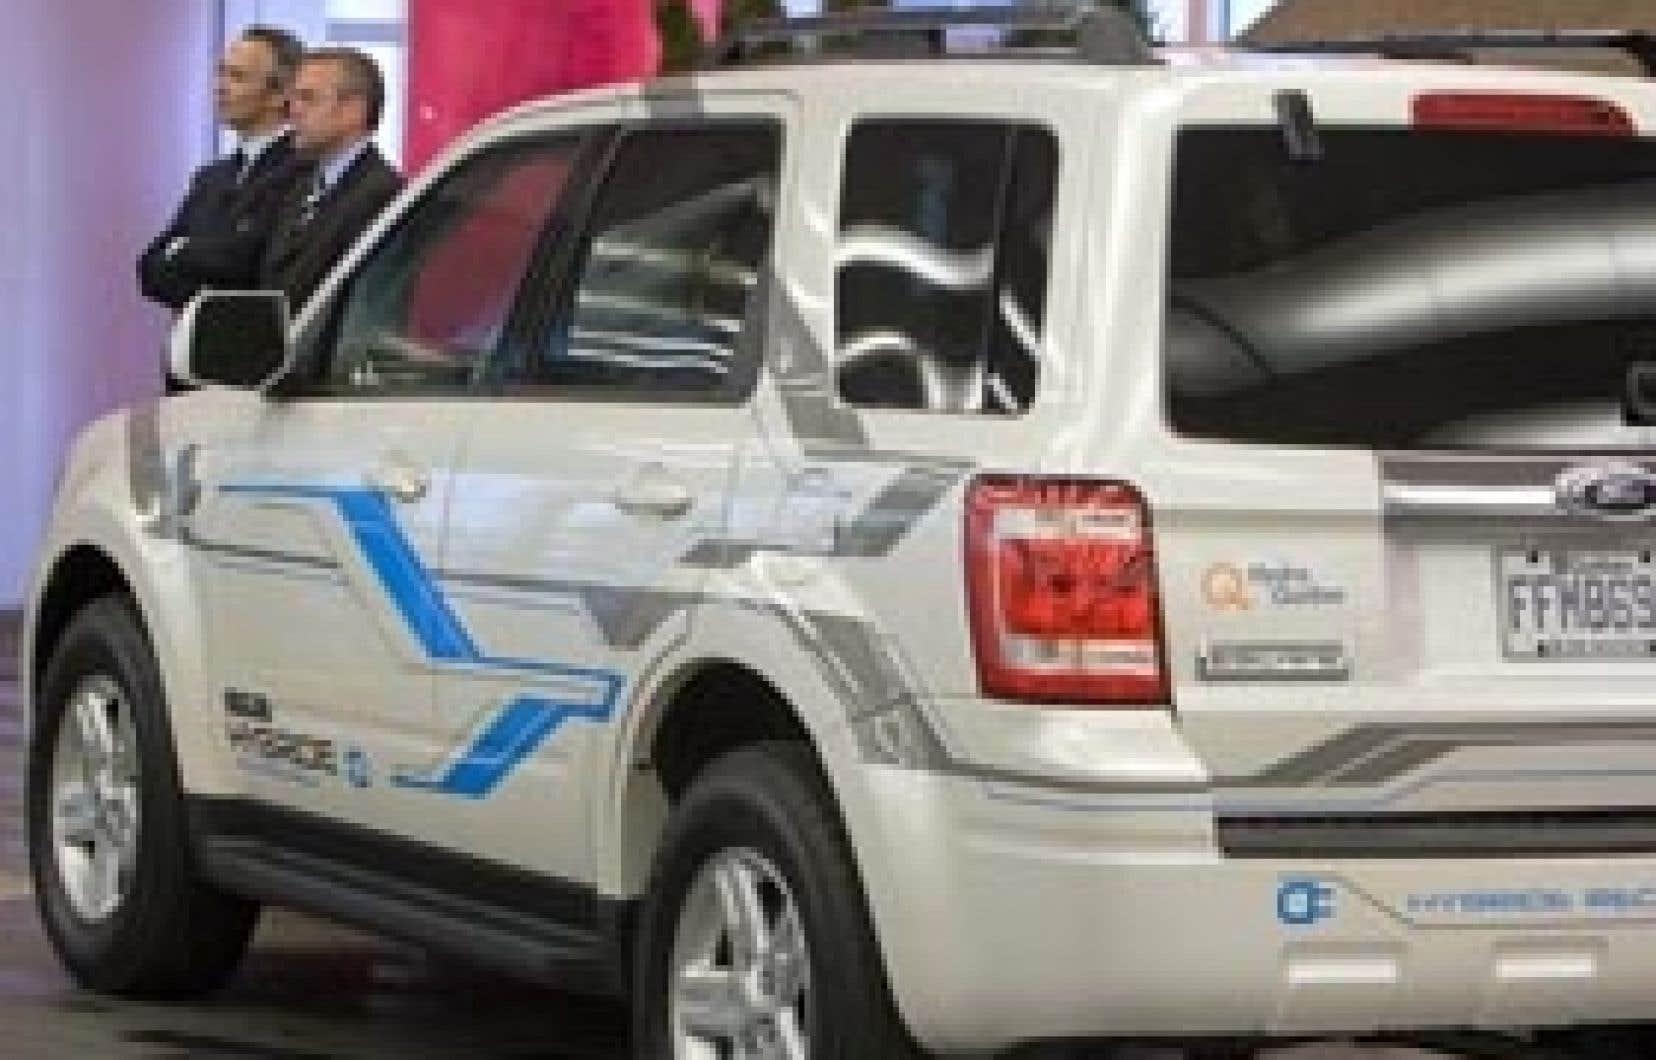 Une Ford Escape hybride rechargeable sera testée pendant trois ans par Hydro-Québec, ont annoncé hier le ministre des Ressources naturelles et de la Faune, Claude Béchard, et le président d'Hydro-Québec, Thierry Vandale, qu'on aperçoit devant